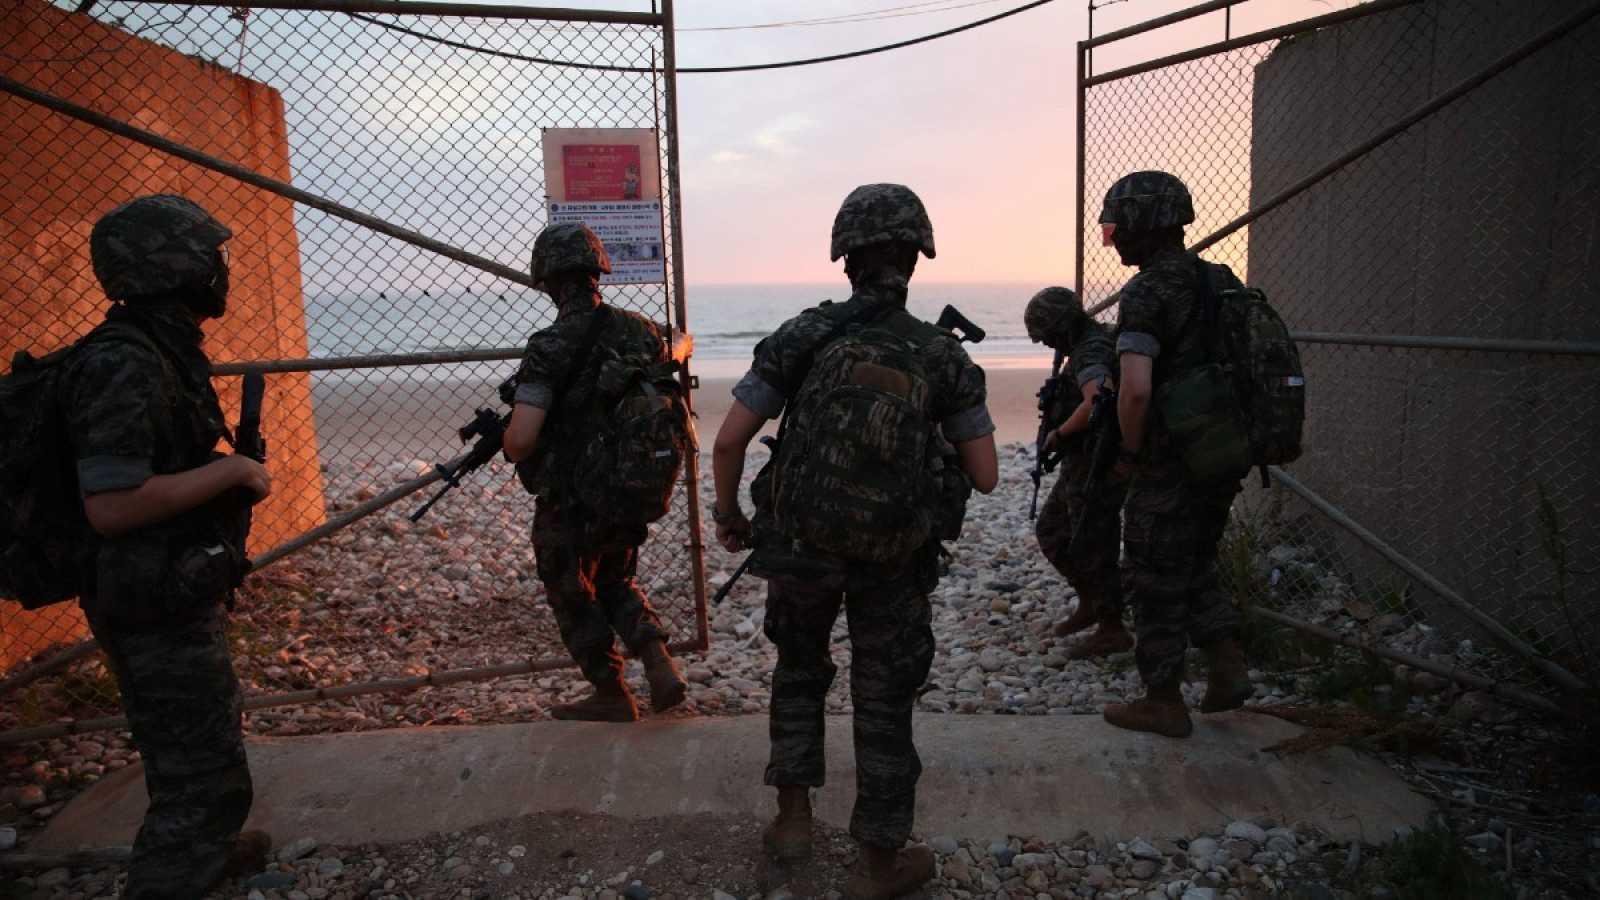 """Marines surcoreanos bloquean la entrada a una playa en la isla de Yeonpyeong, controlada por Corea del Sur, cerca de la """"línea límite del norte"""", tras el ataque a la oficina de enlace intercoreana"""